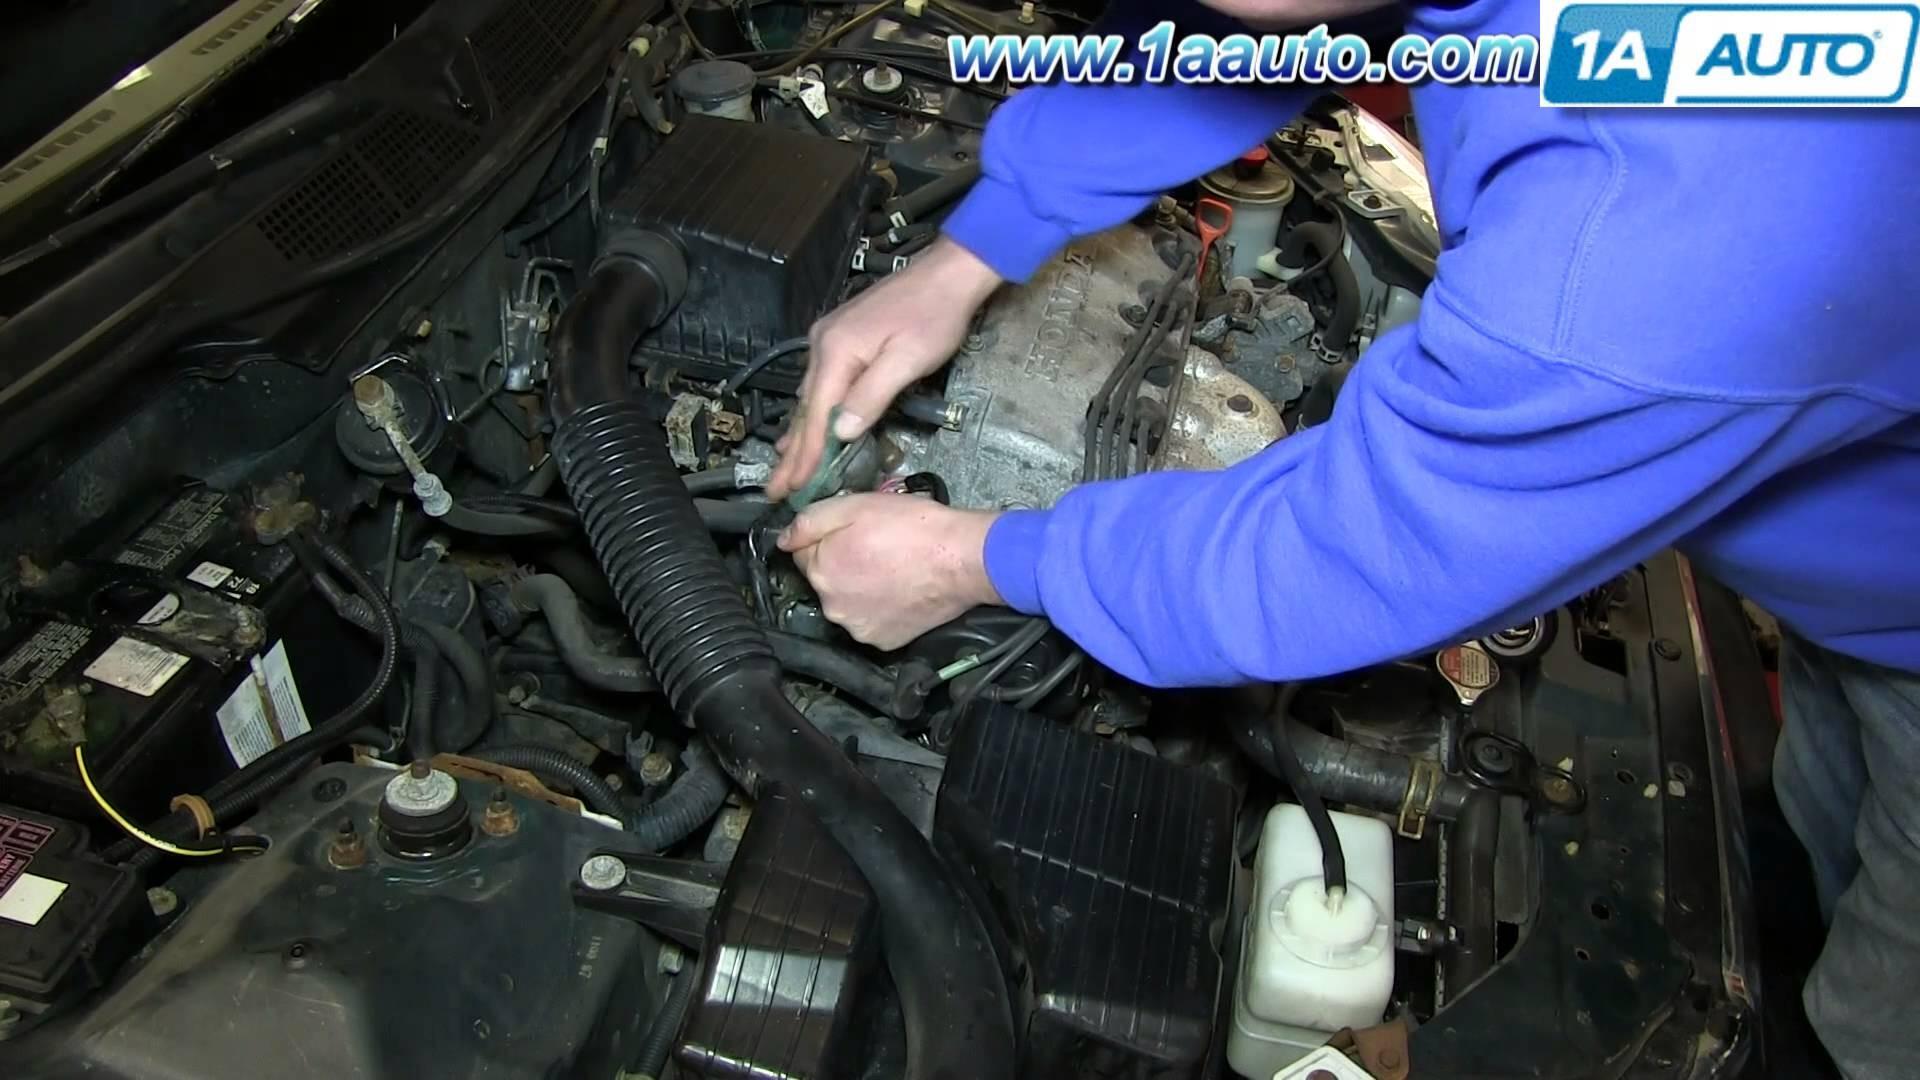 2001 Honda Civic Suspension Diagram Justanswer Honda Car Pictures